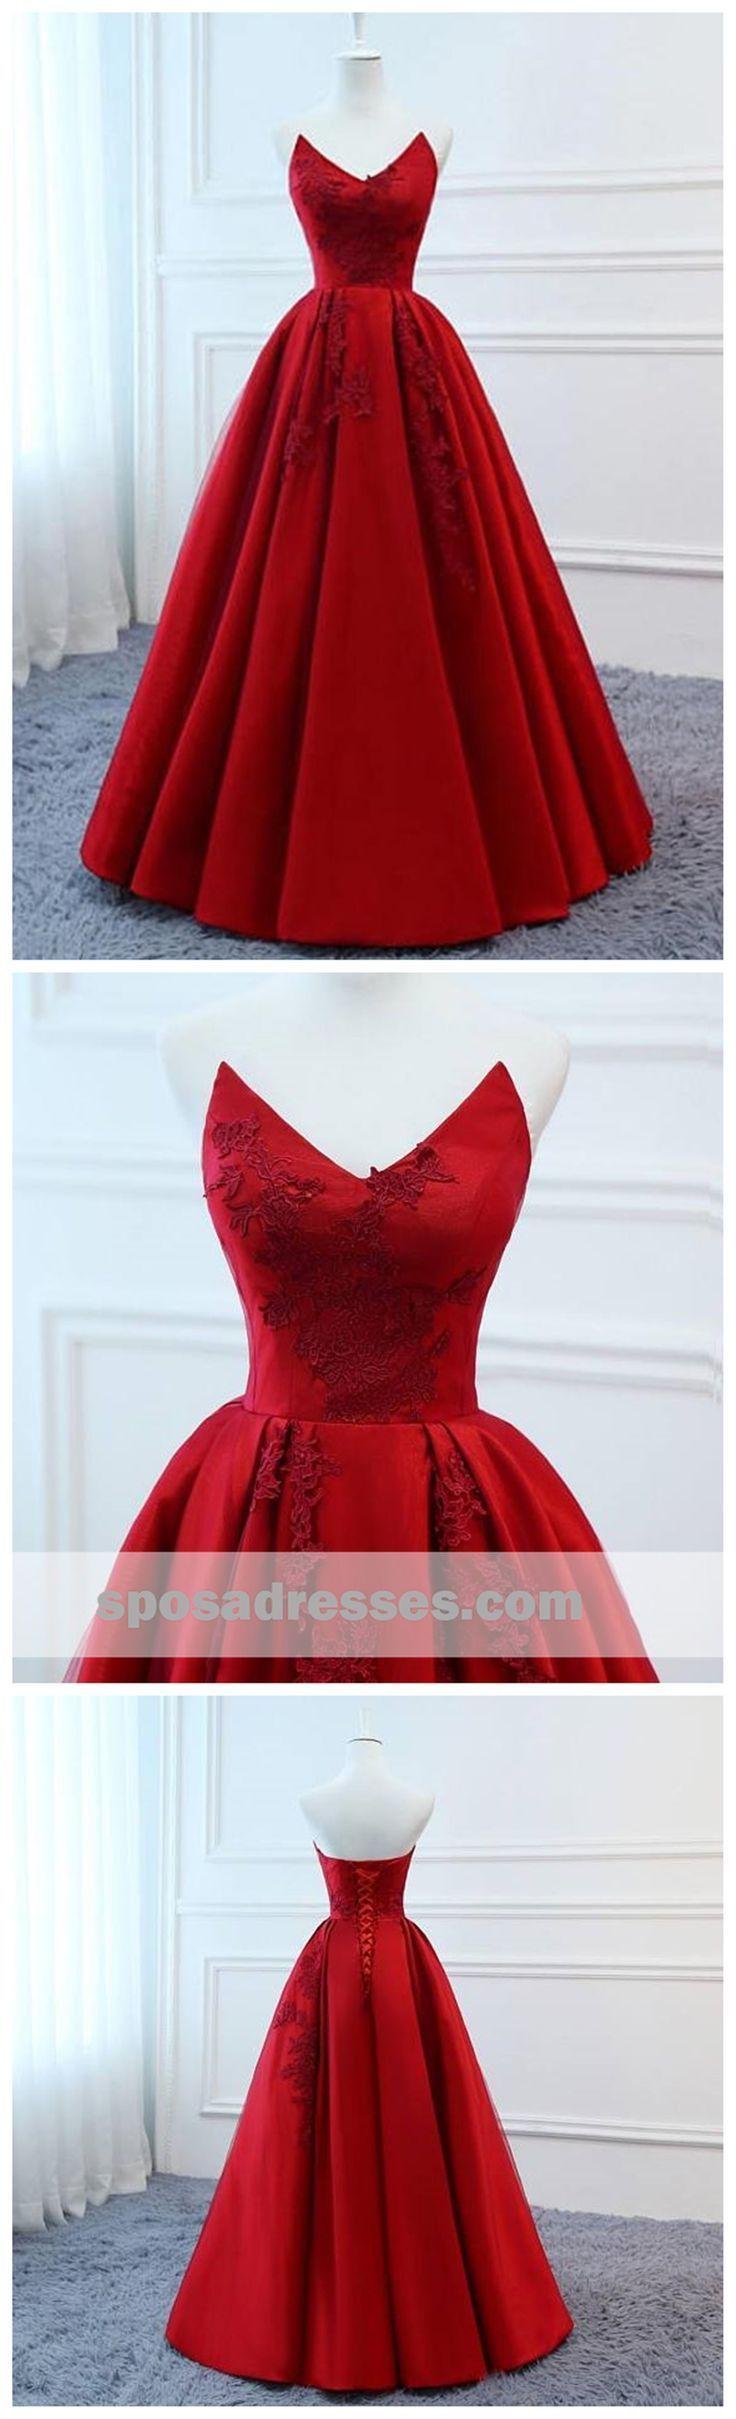 2018 Red V Neck A-line Custom Long Evening Prom Dresses, 17717